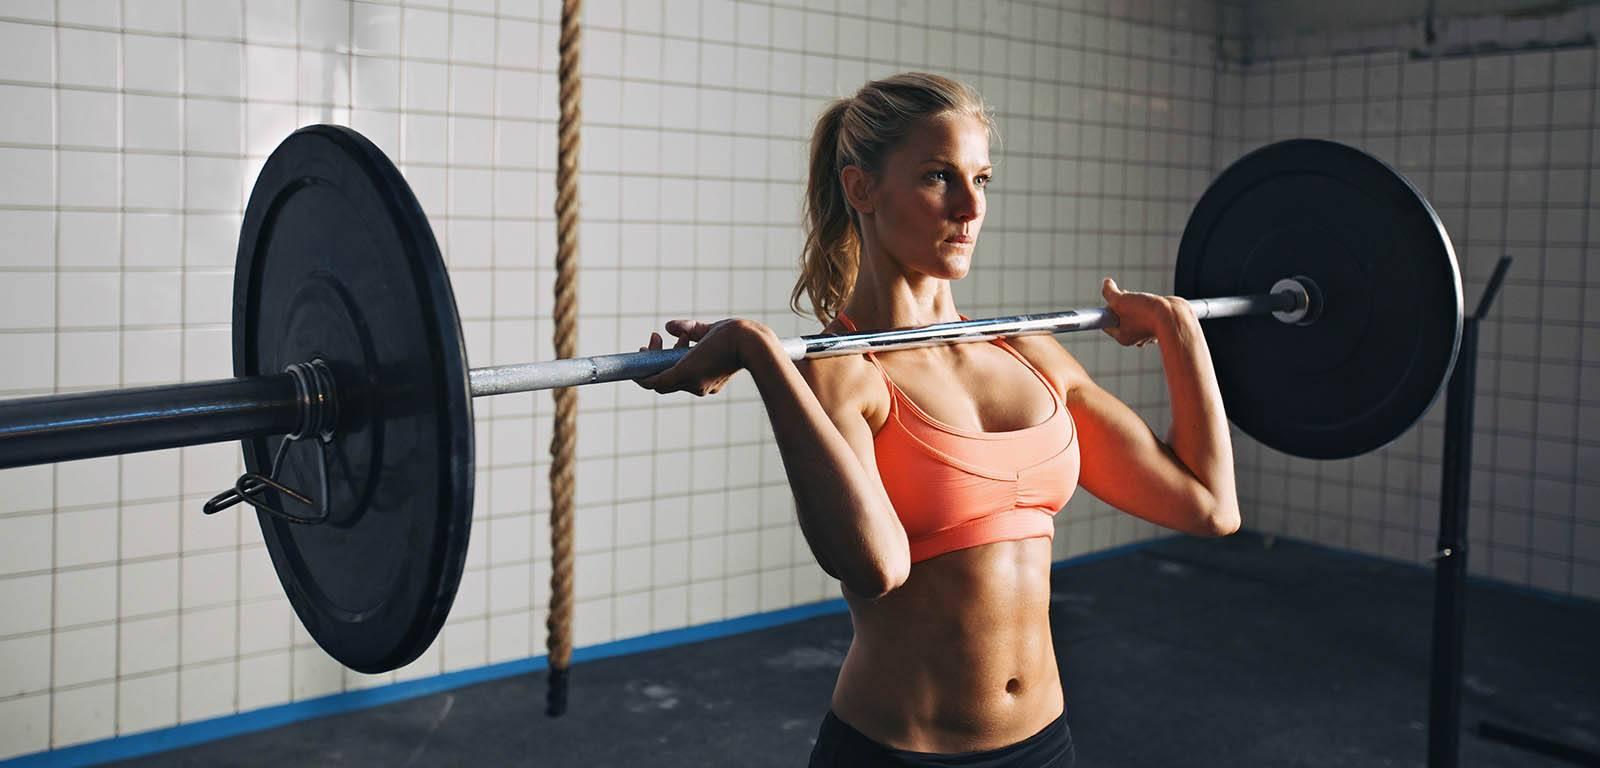 Musculation femme - Femme avec une barre